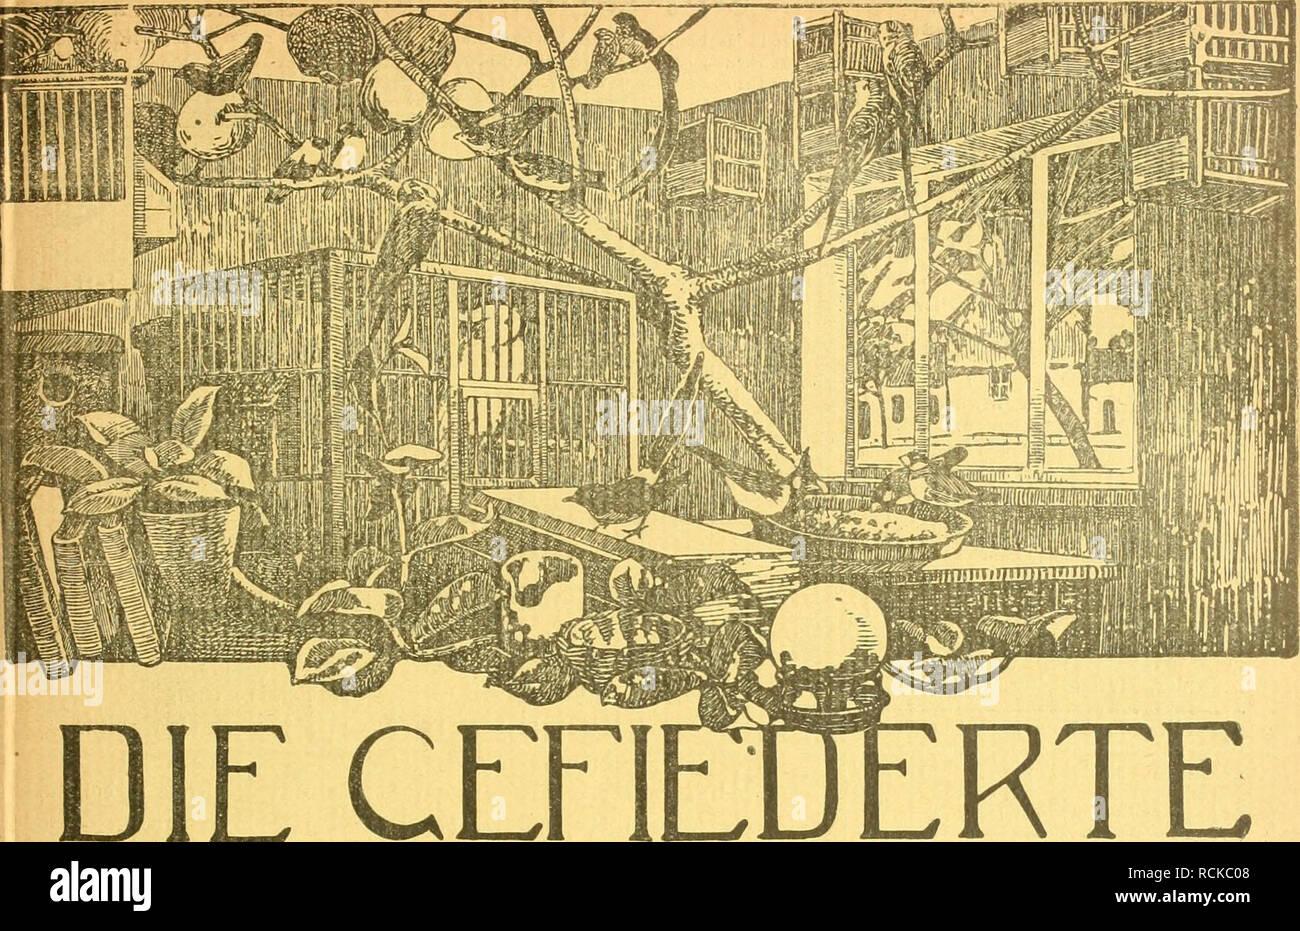 . Die Gefiederte Welt. Gli uccelli. Heft 2. 14. Januar 1915. Jahrgang XLIV.. CEFl DIE WELT WOCHENSCHRIFT FÜl -VOGELLIEBHABER.- Begründet von Dr. Karl Ruß. Herausgegeben von Karl Neunzig in Hermsdorf bei Berlin. INHALT: Die Wachtel und ihre Pflege. Karl von Finck, Neukölbi. (Fortsetzung und Schluß.) Meine Mossambikzeigzucht. Von Josef Porzelt. Dompfaffenzüchtung. Von Friedrich Busse, Dessau. (Fortsetzung.) Jagd und Heimatschutz. Von Dr. Rudolf Korb. Kleine Mitteilungen. - Aus den Vereinen. - Vom Vogelmarkt. - Redaktions- briefkasten. Abonnementspreis vierteljährlich M. 1.50. (13 Nummern mit Abbildung Foto Stock